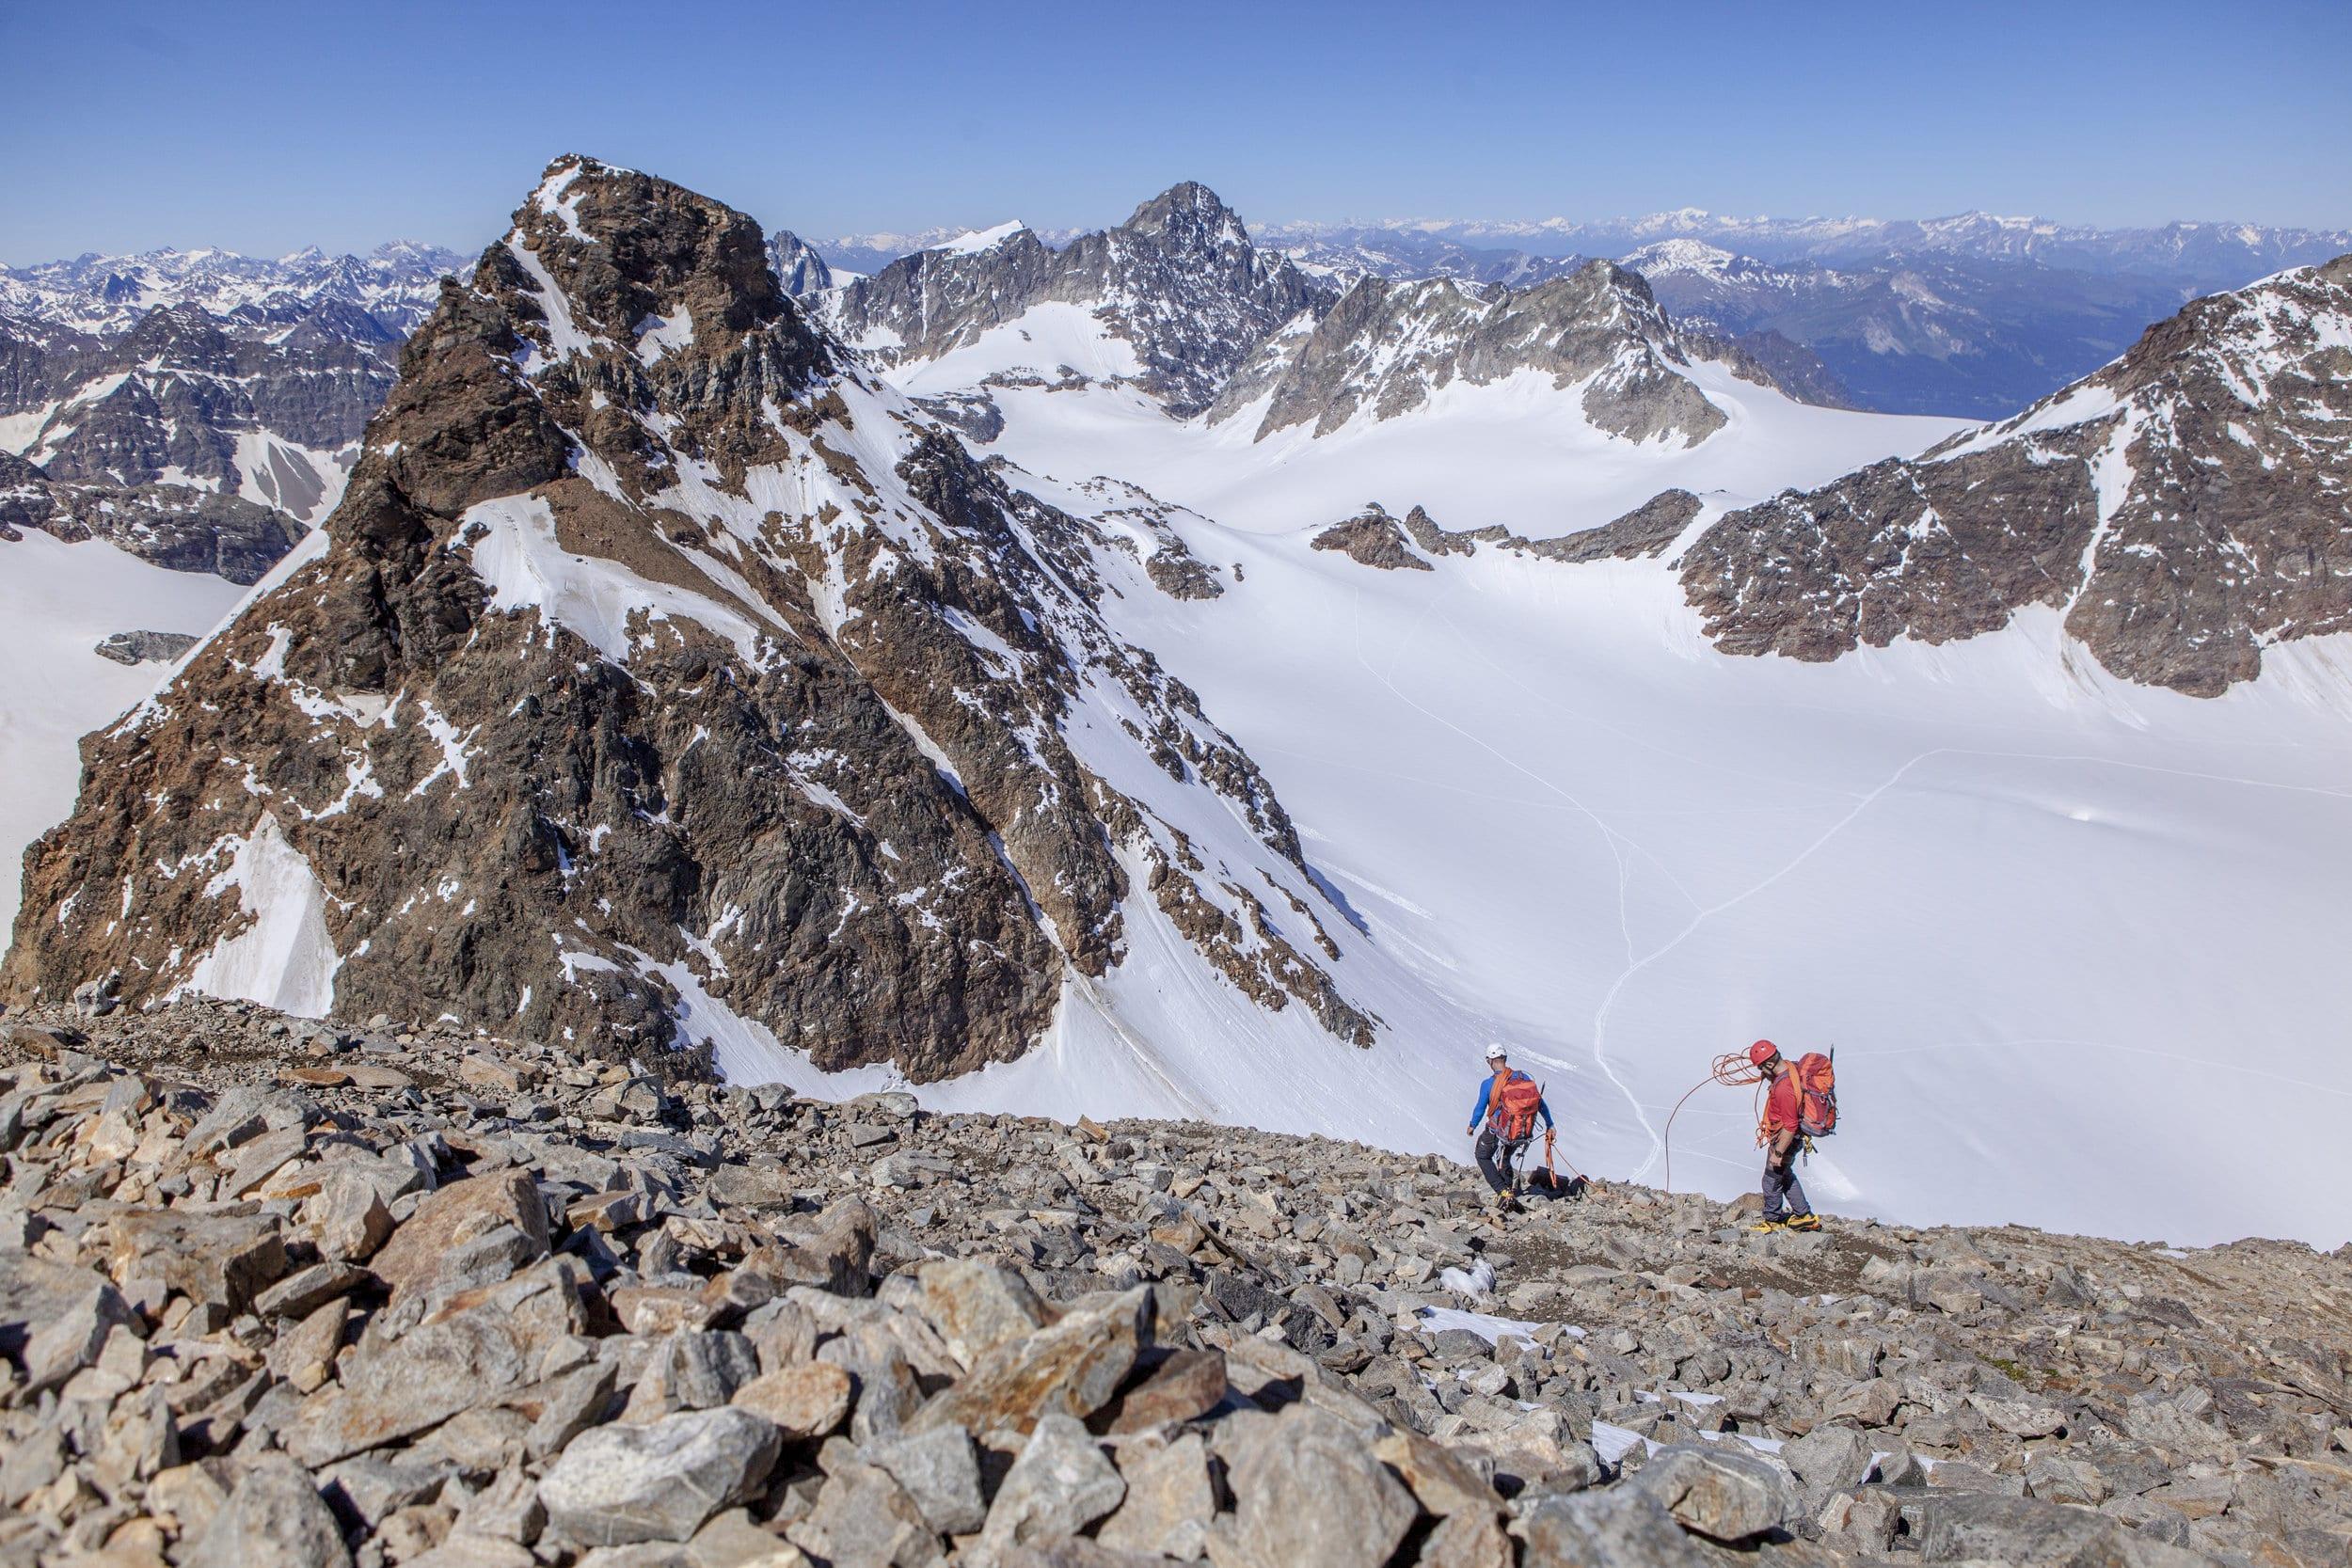 Leichter Klettergurt Für Hochtouren : Bergsteigen und hochtouren urlaub in vorarlberg